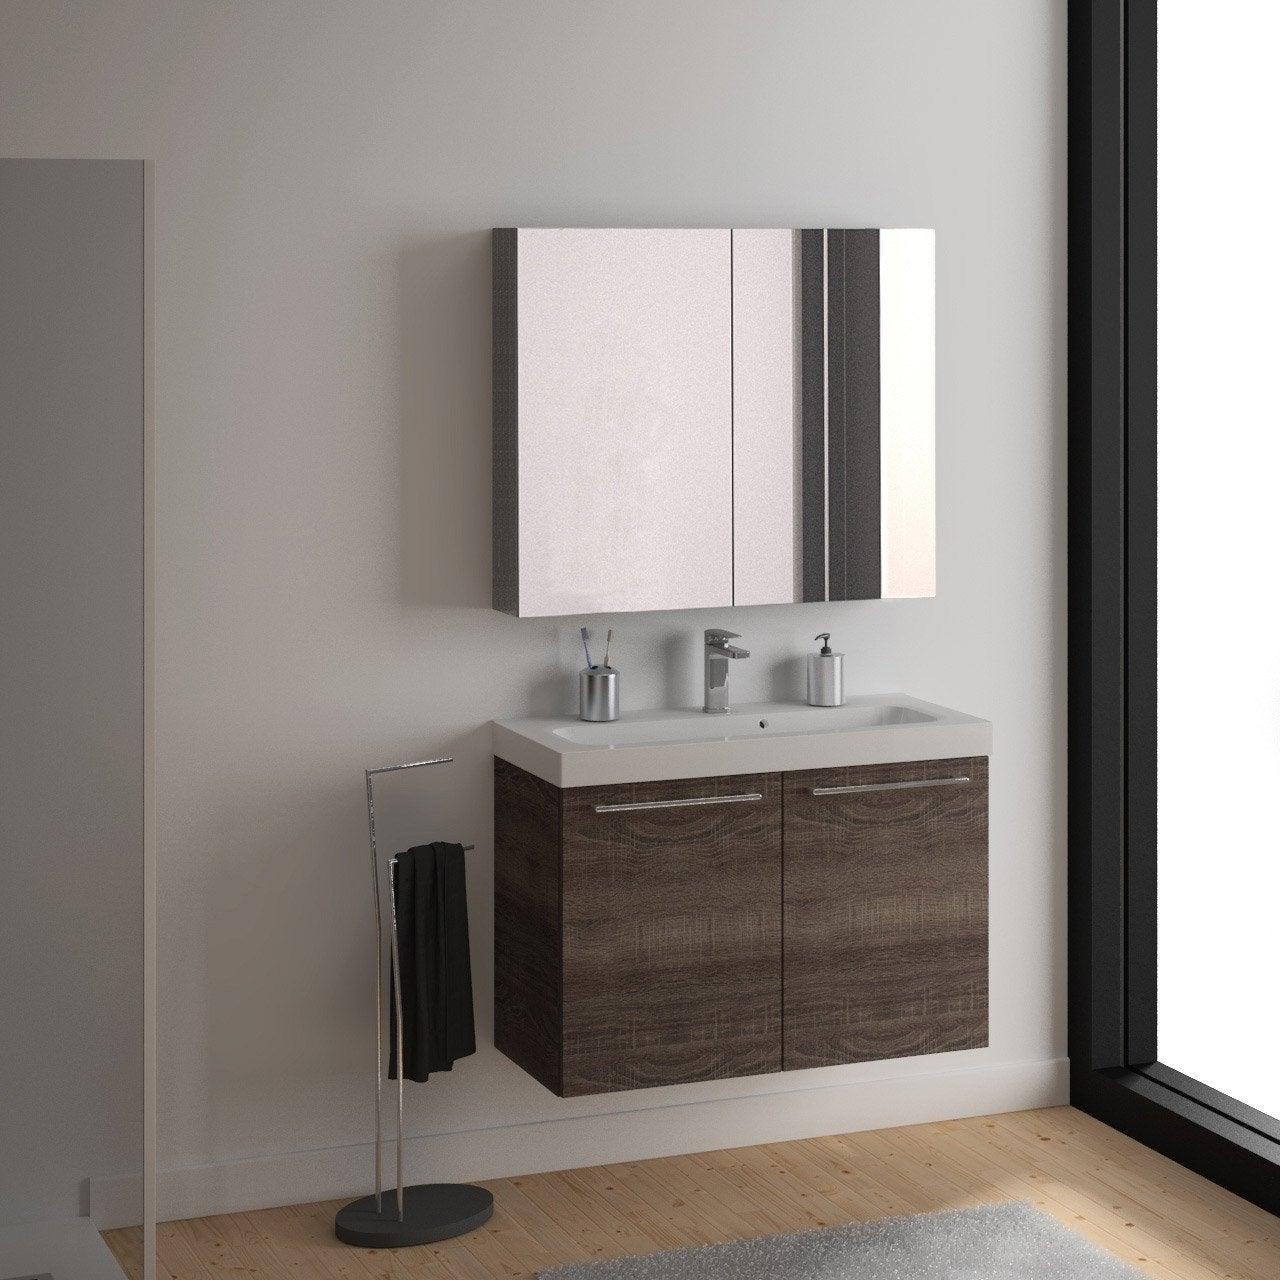 Meuble de salle de bains de 100 119 brun marron - Meubles salle de bains leroy merlin ...